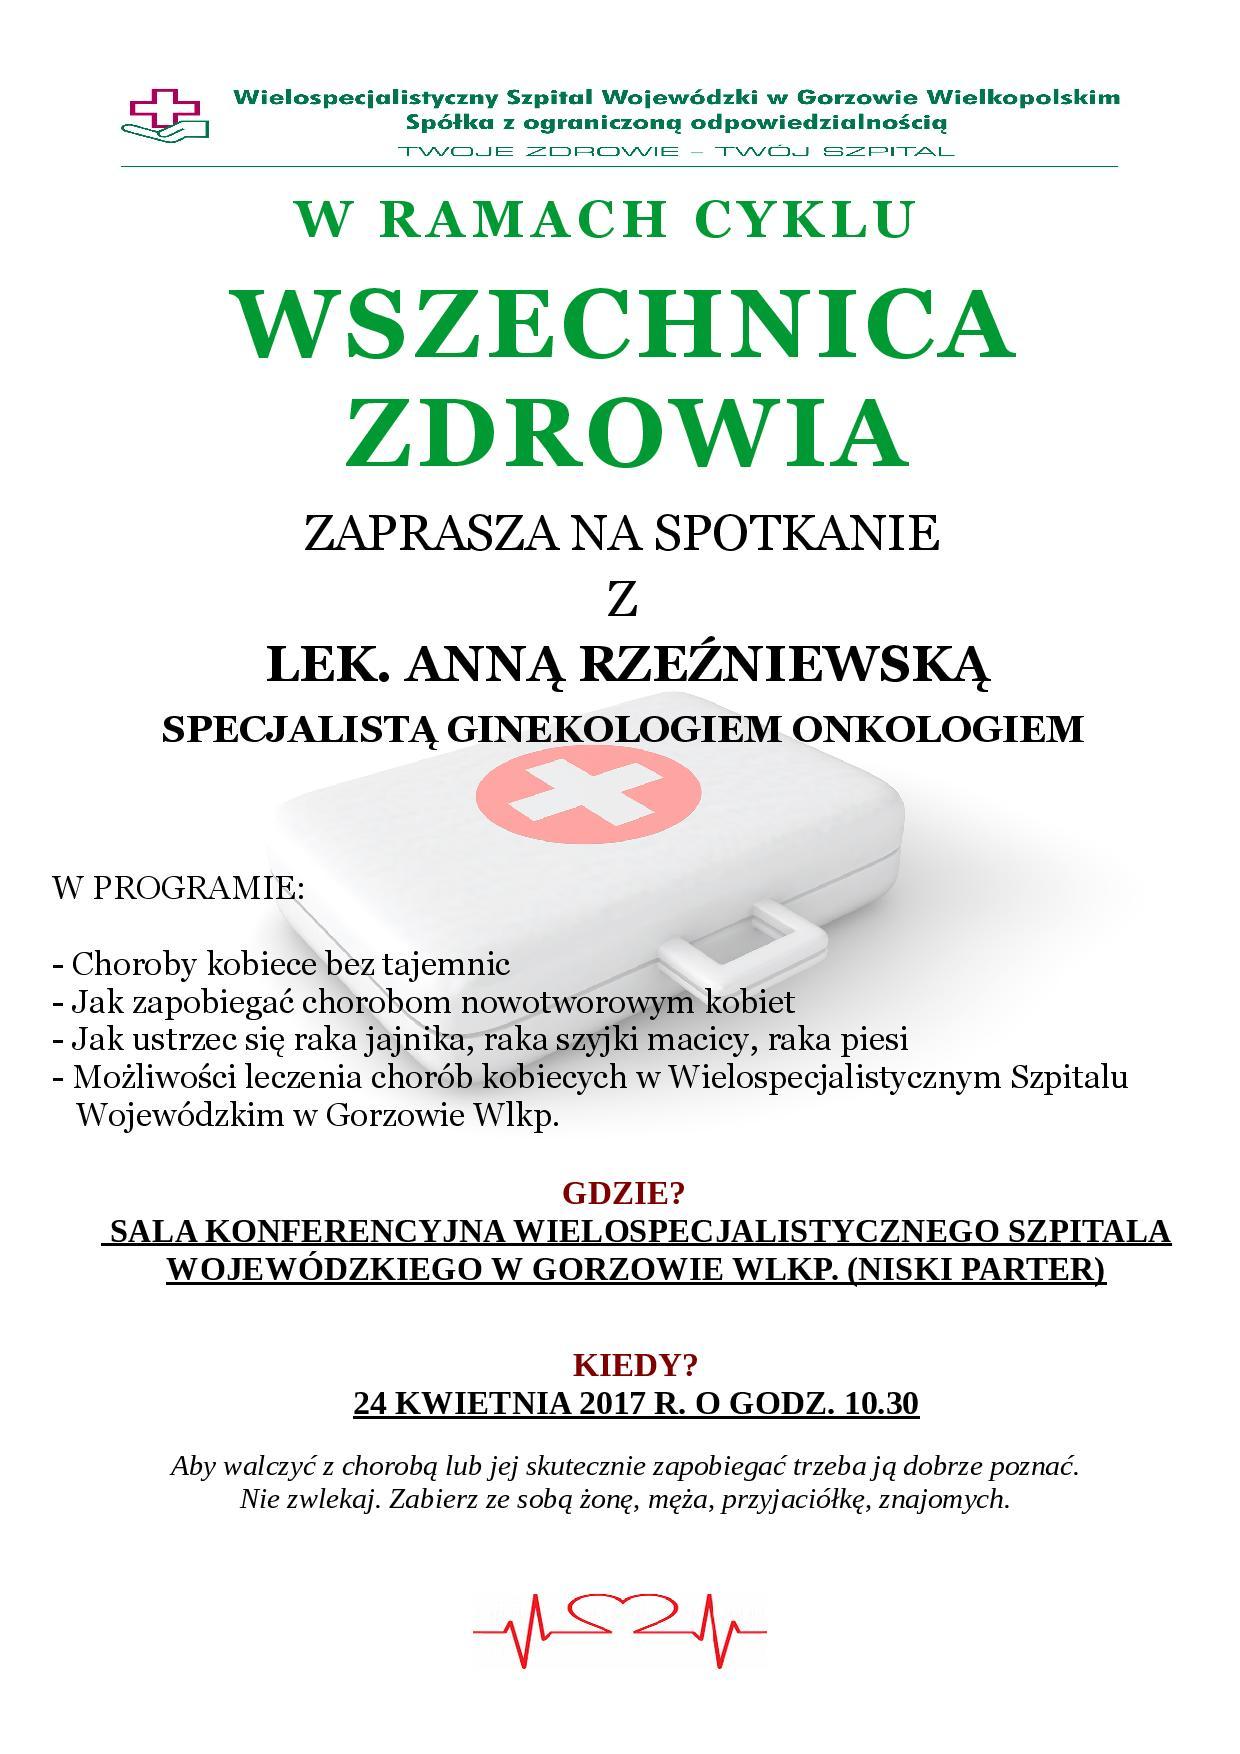 Wszechnica zdrowia zaprasza na spotkanie zlek. Anną Rzeźniewską specjalistą ginekologiem onkologiem.